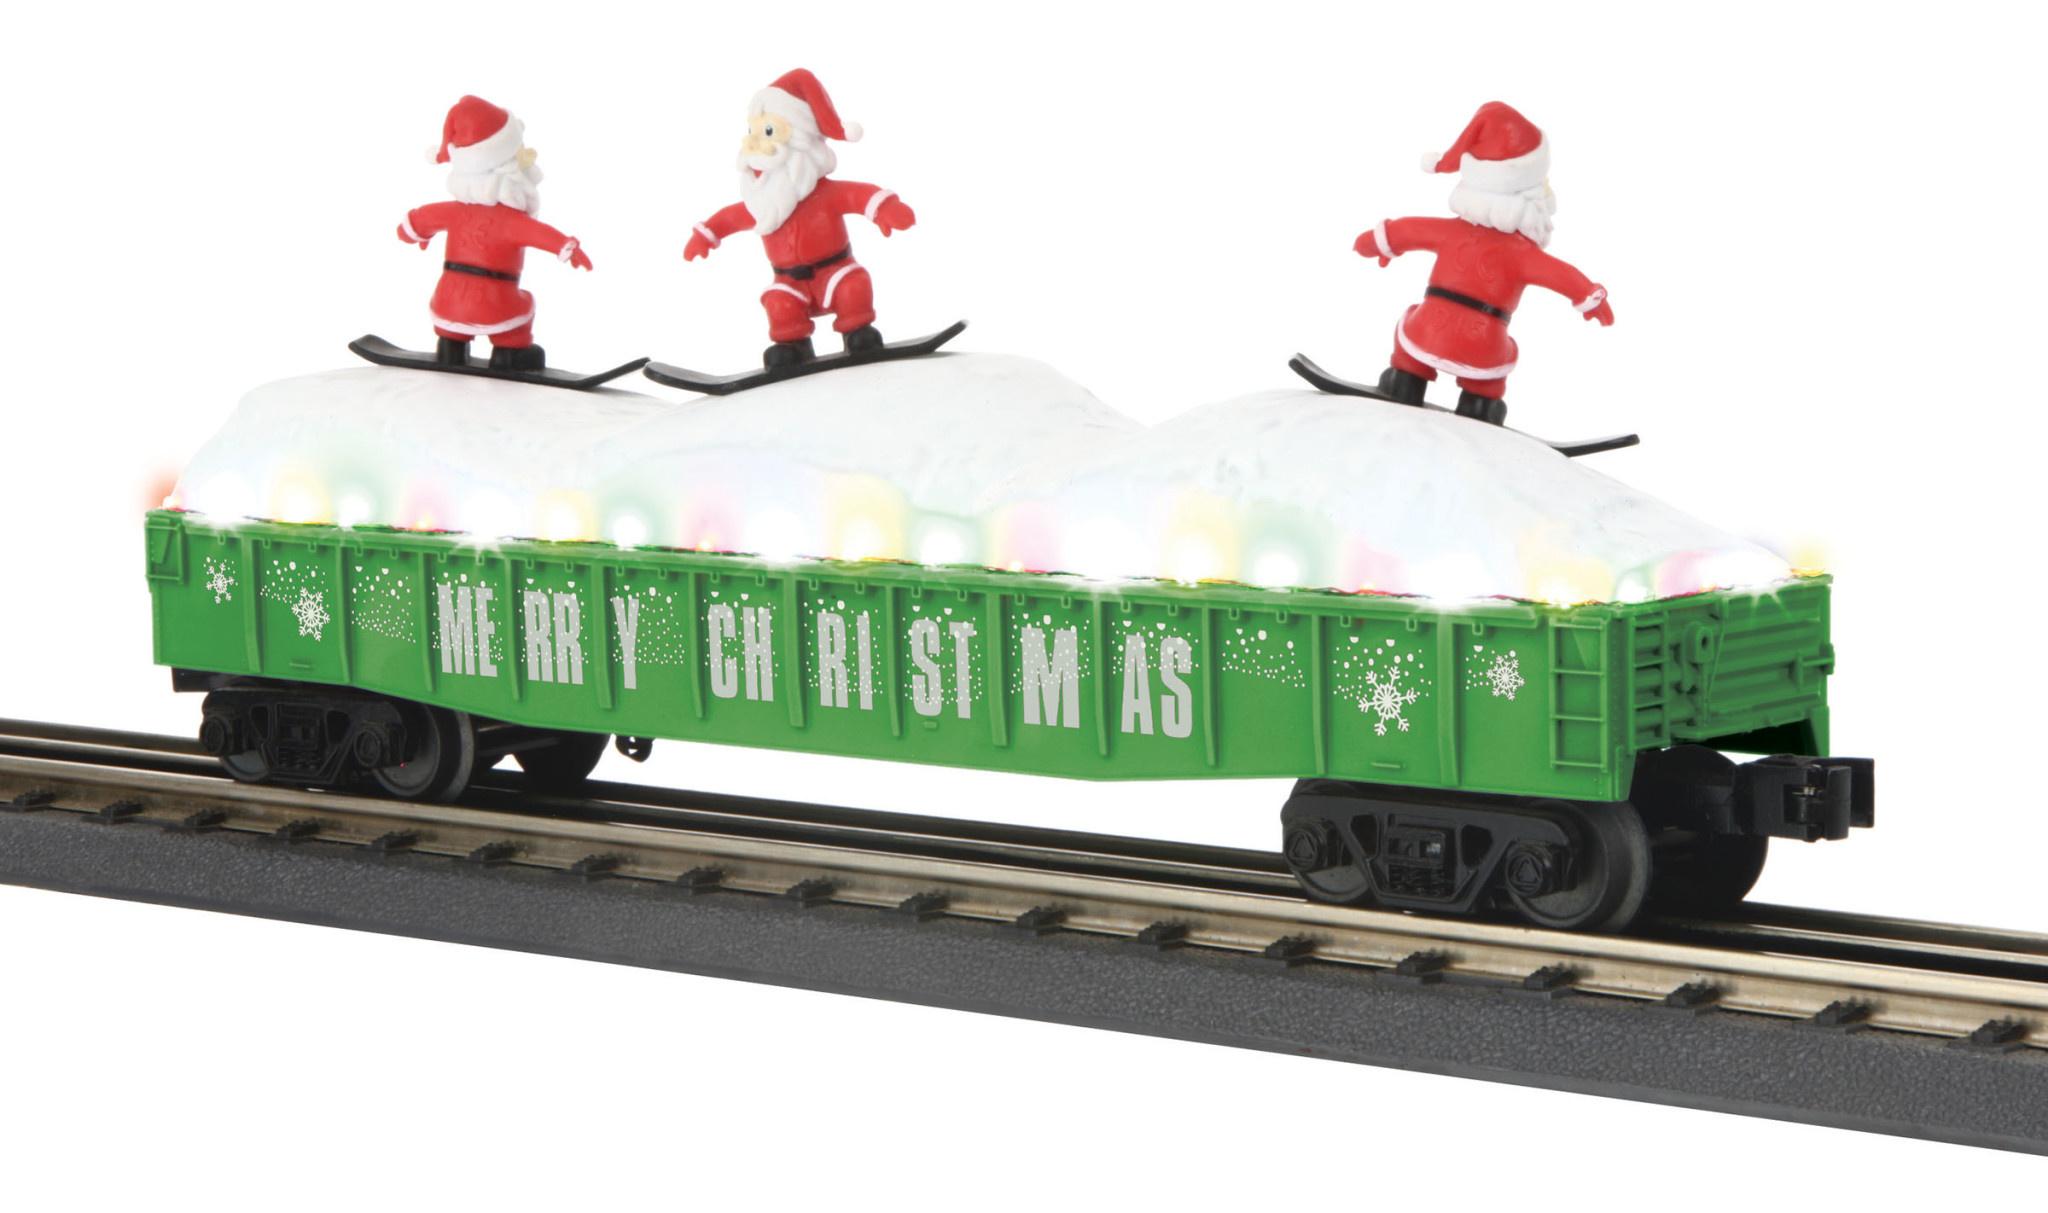 MTH - RailKing #30-72195, MTH Christmas Gondola with Skiing Santas (Green)